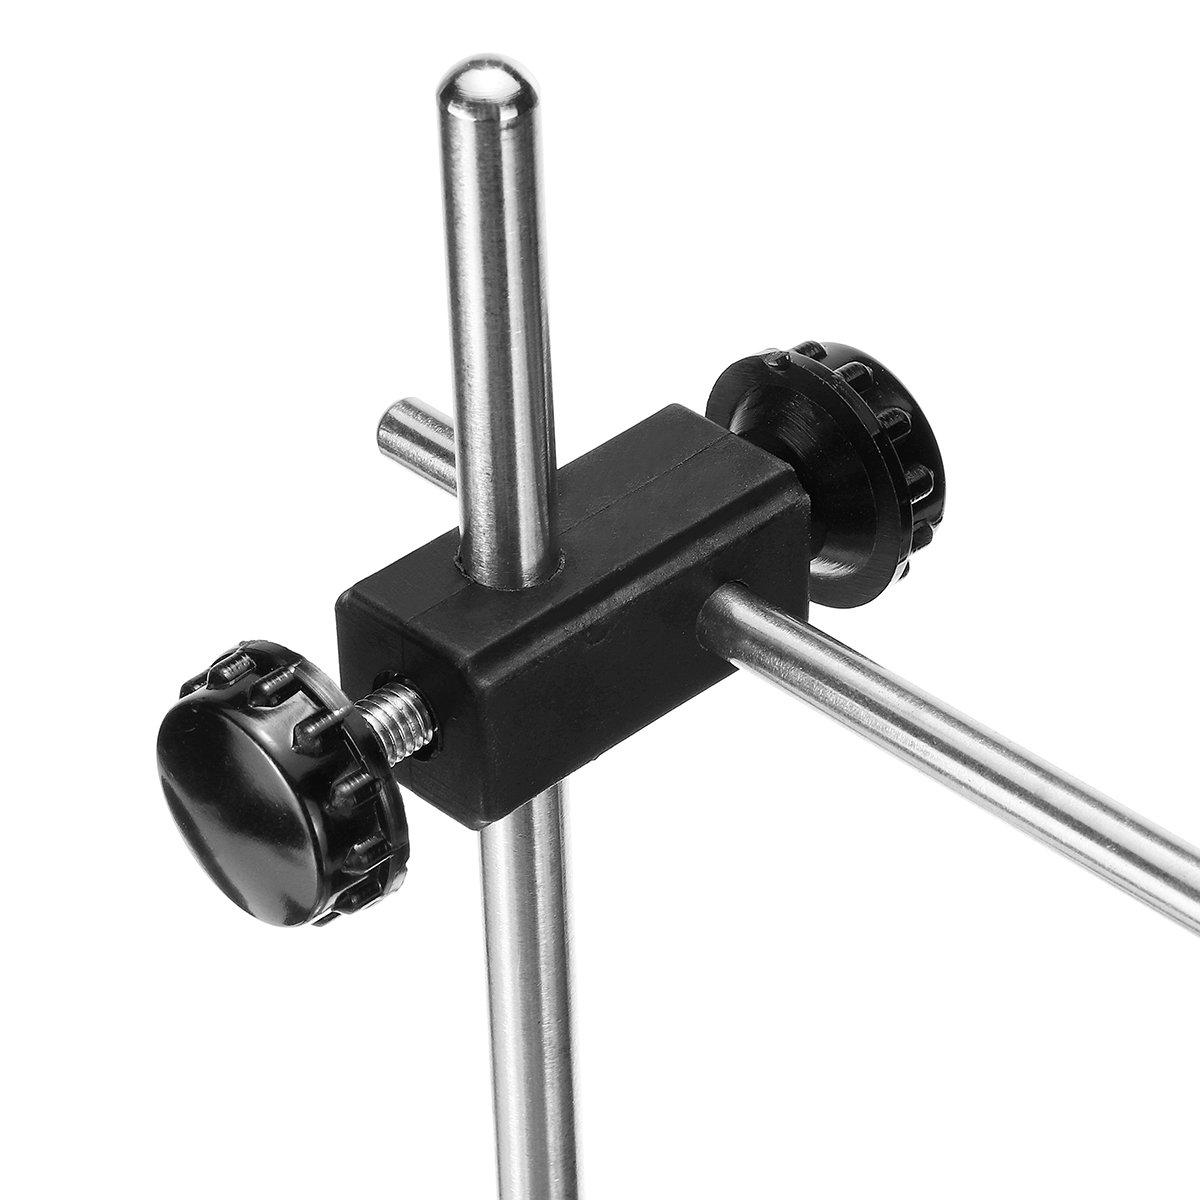 ... 79-1 110 V/220 V 1000 ML Placa Caliente agitador magnético Laboratorio calefacción Velocidad Control Mezclador AU/EU/US Enchufe: Amazon.es: Electrónica